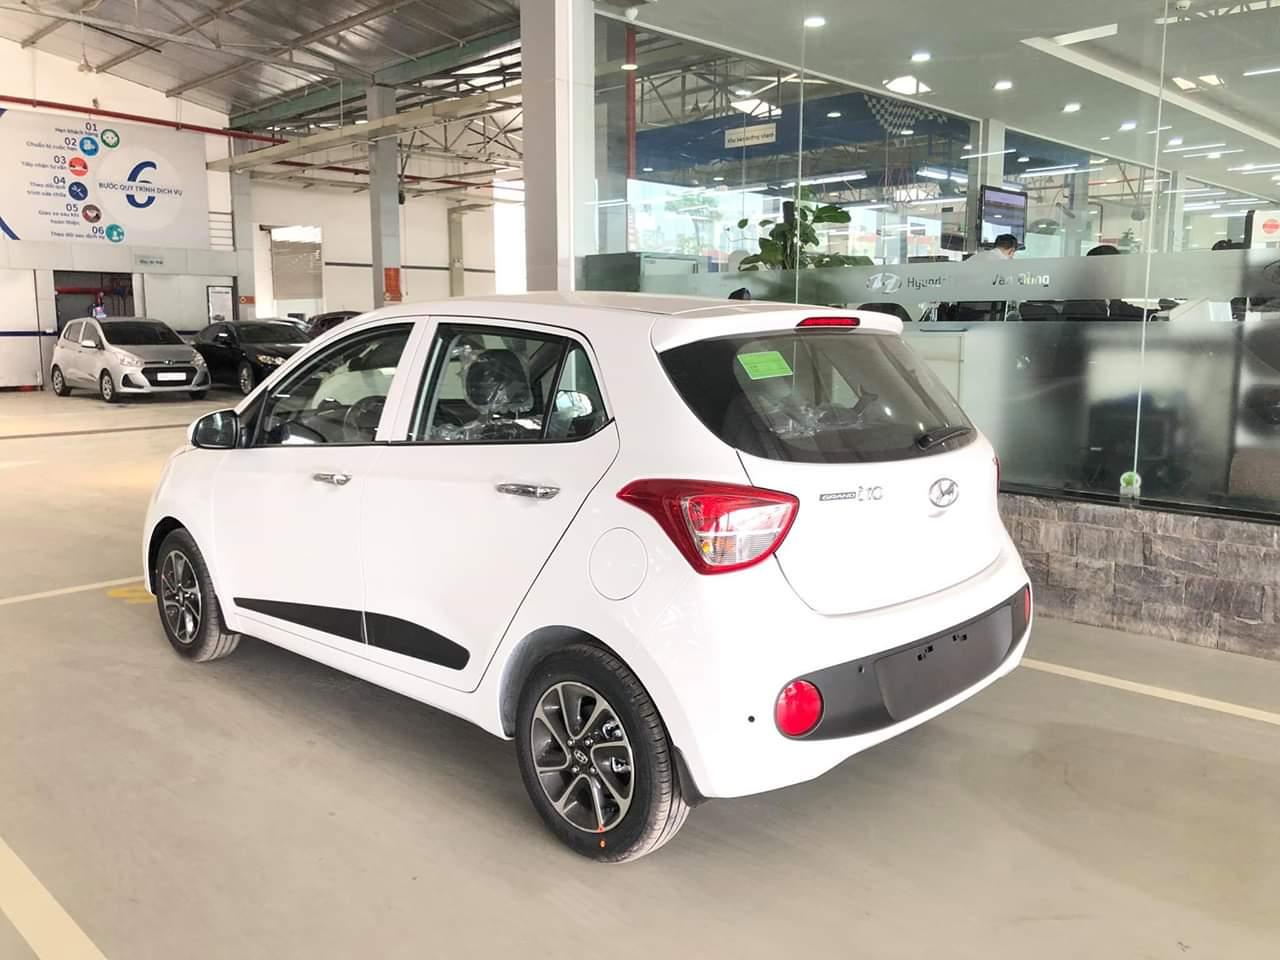 Báo giá xe Hyundai Grand i10 1.2 MT Hatchback mới nhất 2019